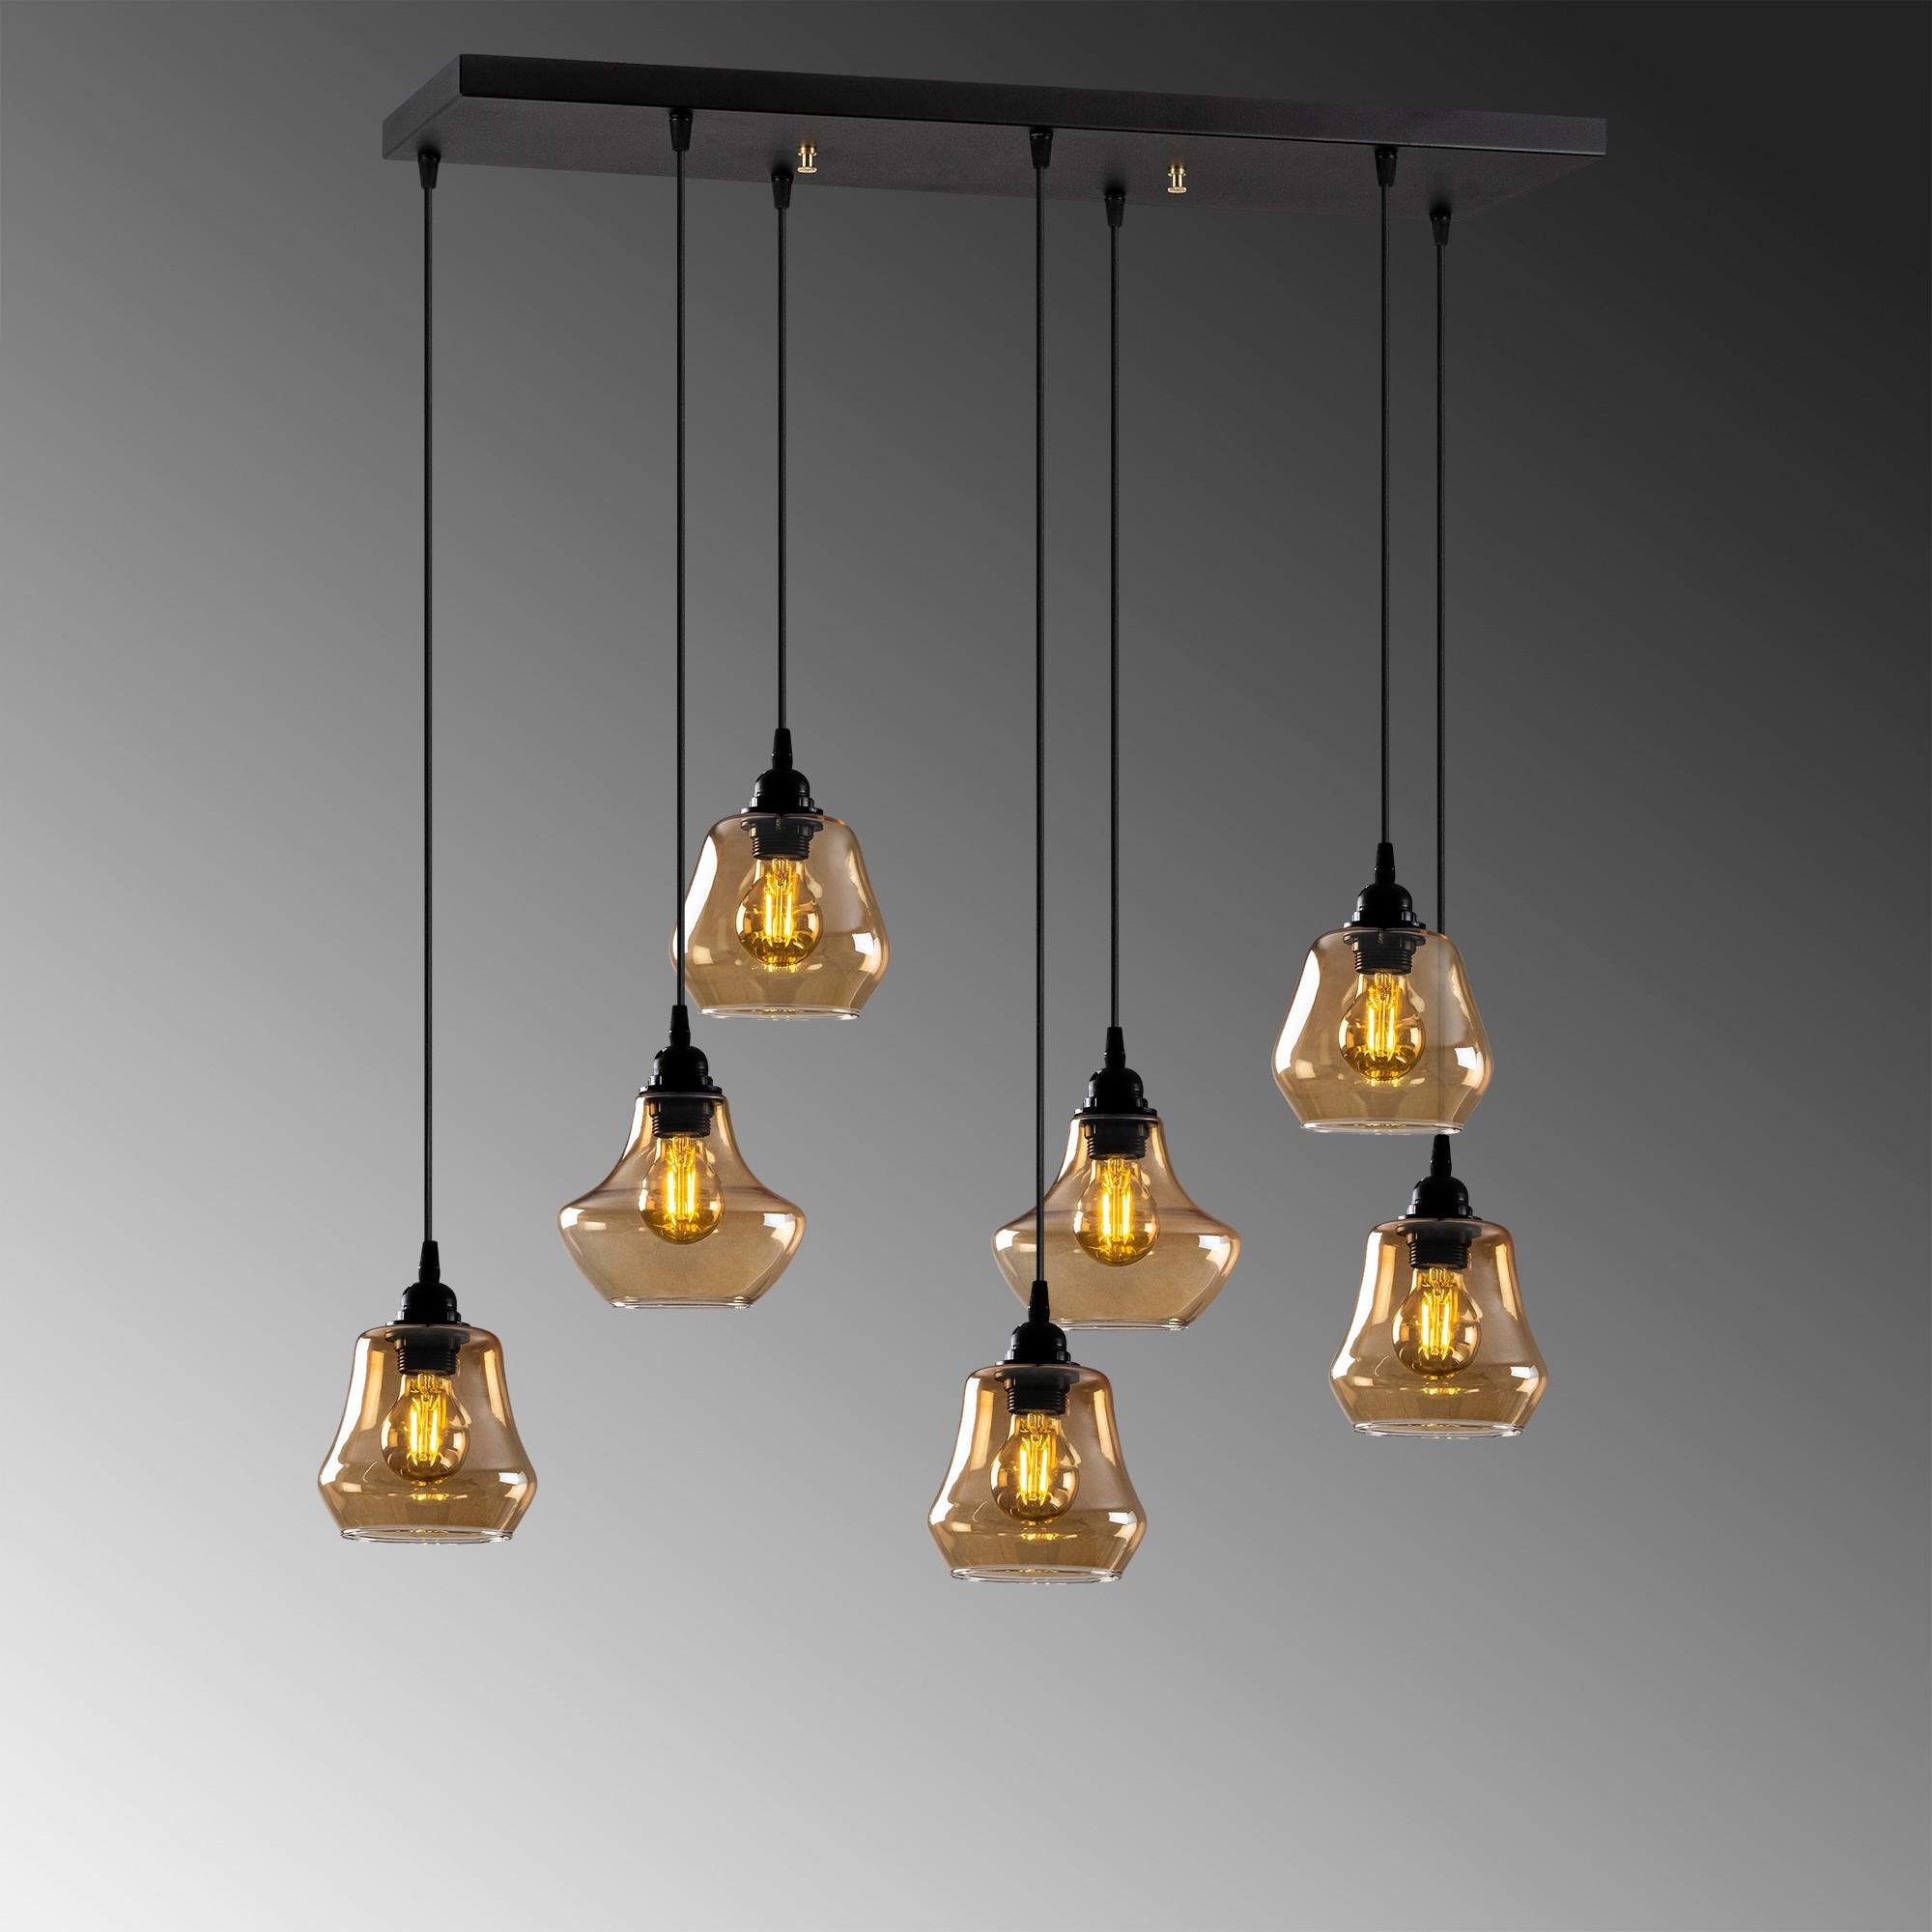 Hanglamp langwerpig modern, gouden glas E27 fitting 7 x - grijze achtergrond